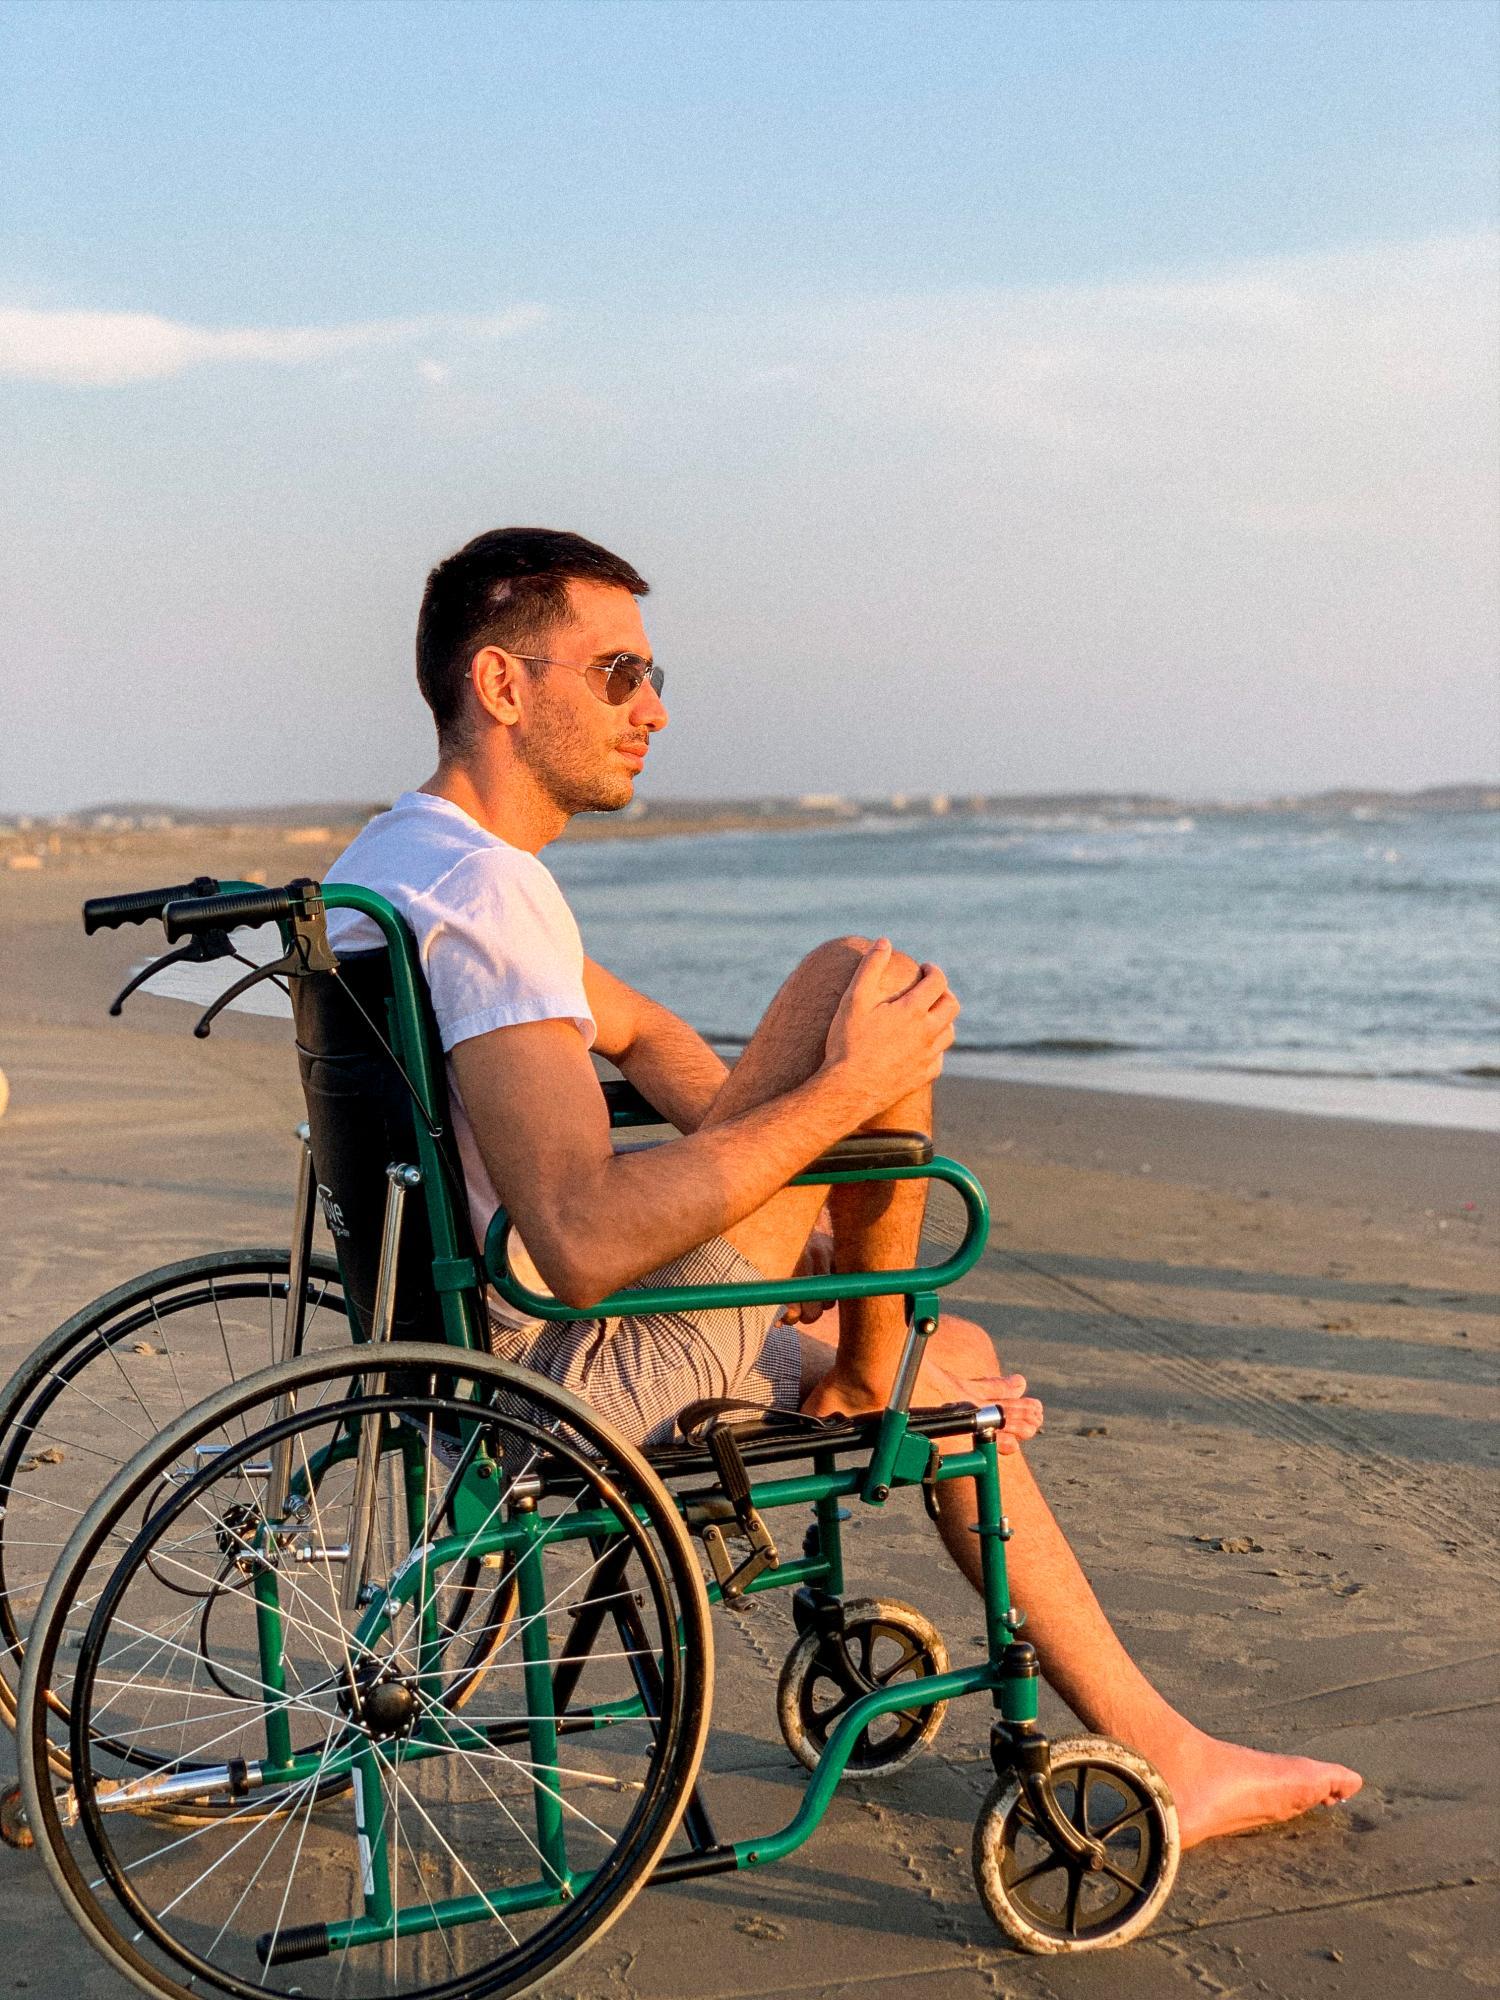 El empresario cartagenero contempla el mar desde la playa, en Cartagena de Indias, Colombia, sentado en su silla de ruedas.